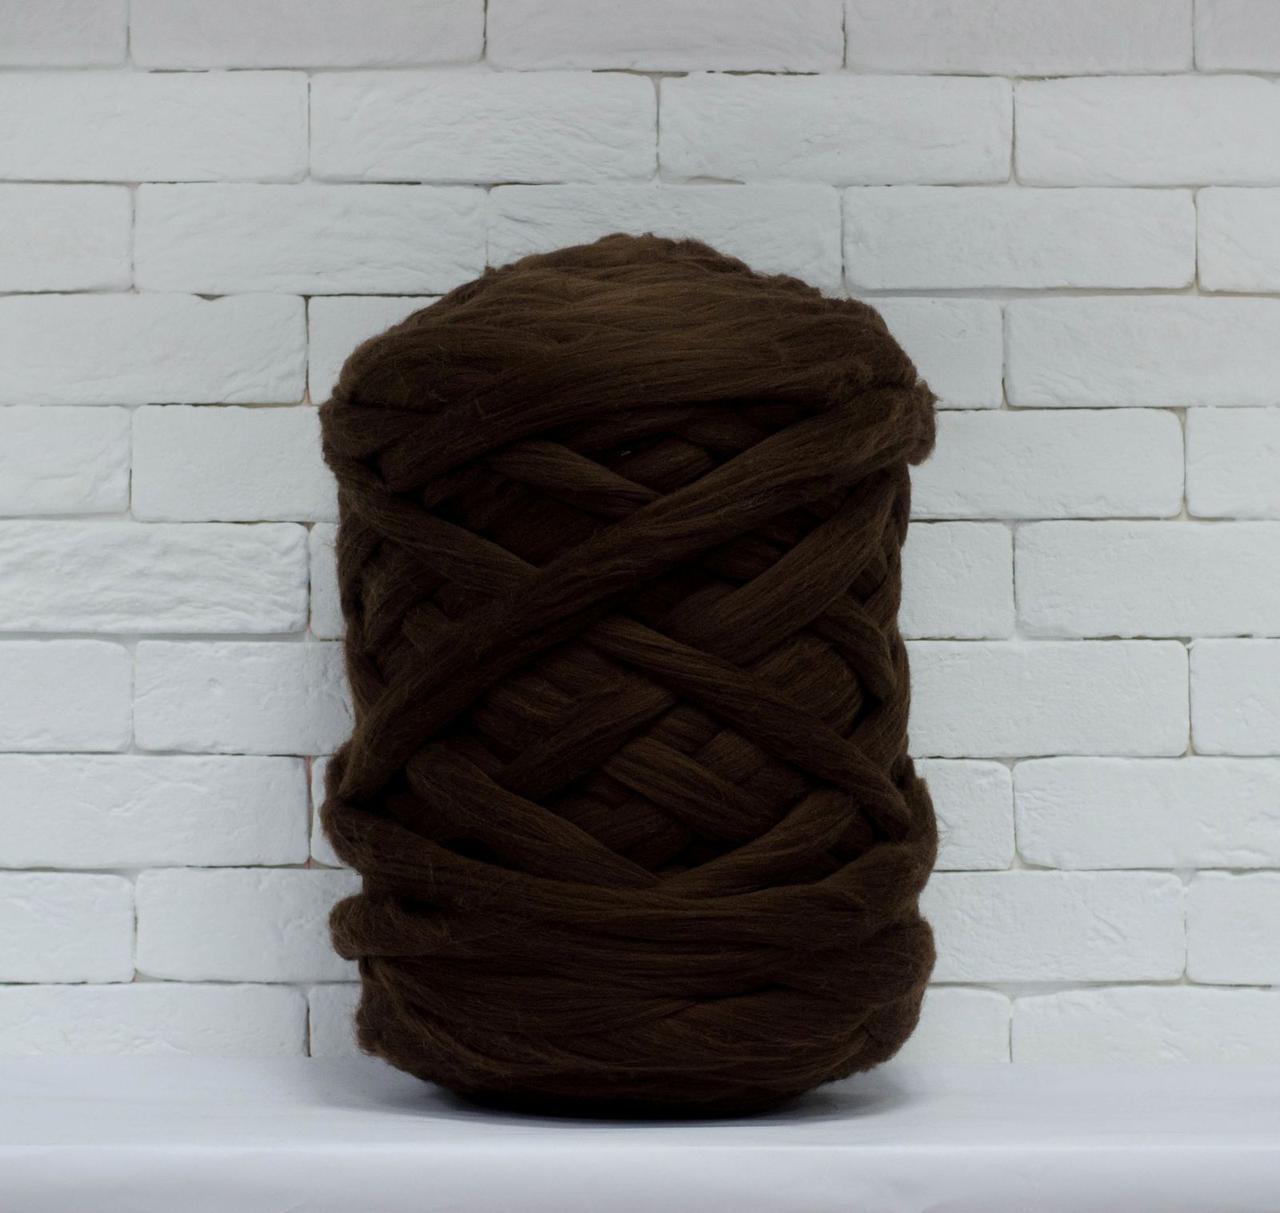 Толстая, крупная пряжа 100% шерсть мериноса 1кг (40м). Цвет: Шоколад. 21-23 мкрн. Топс. Лента для пледов